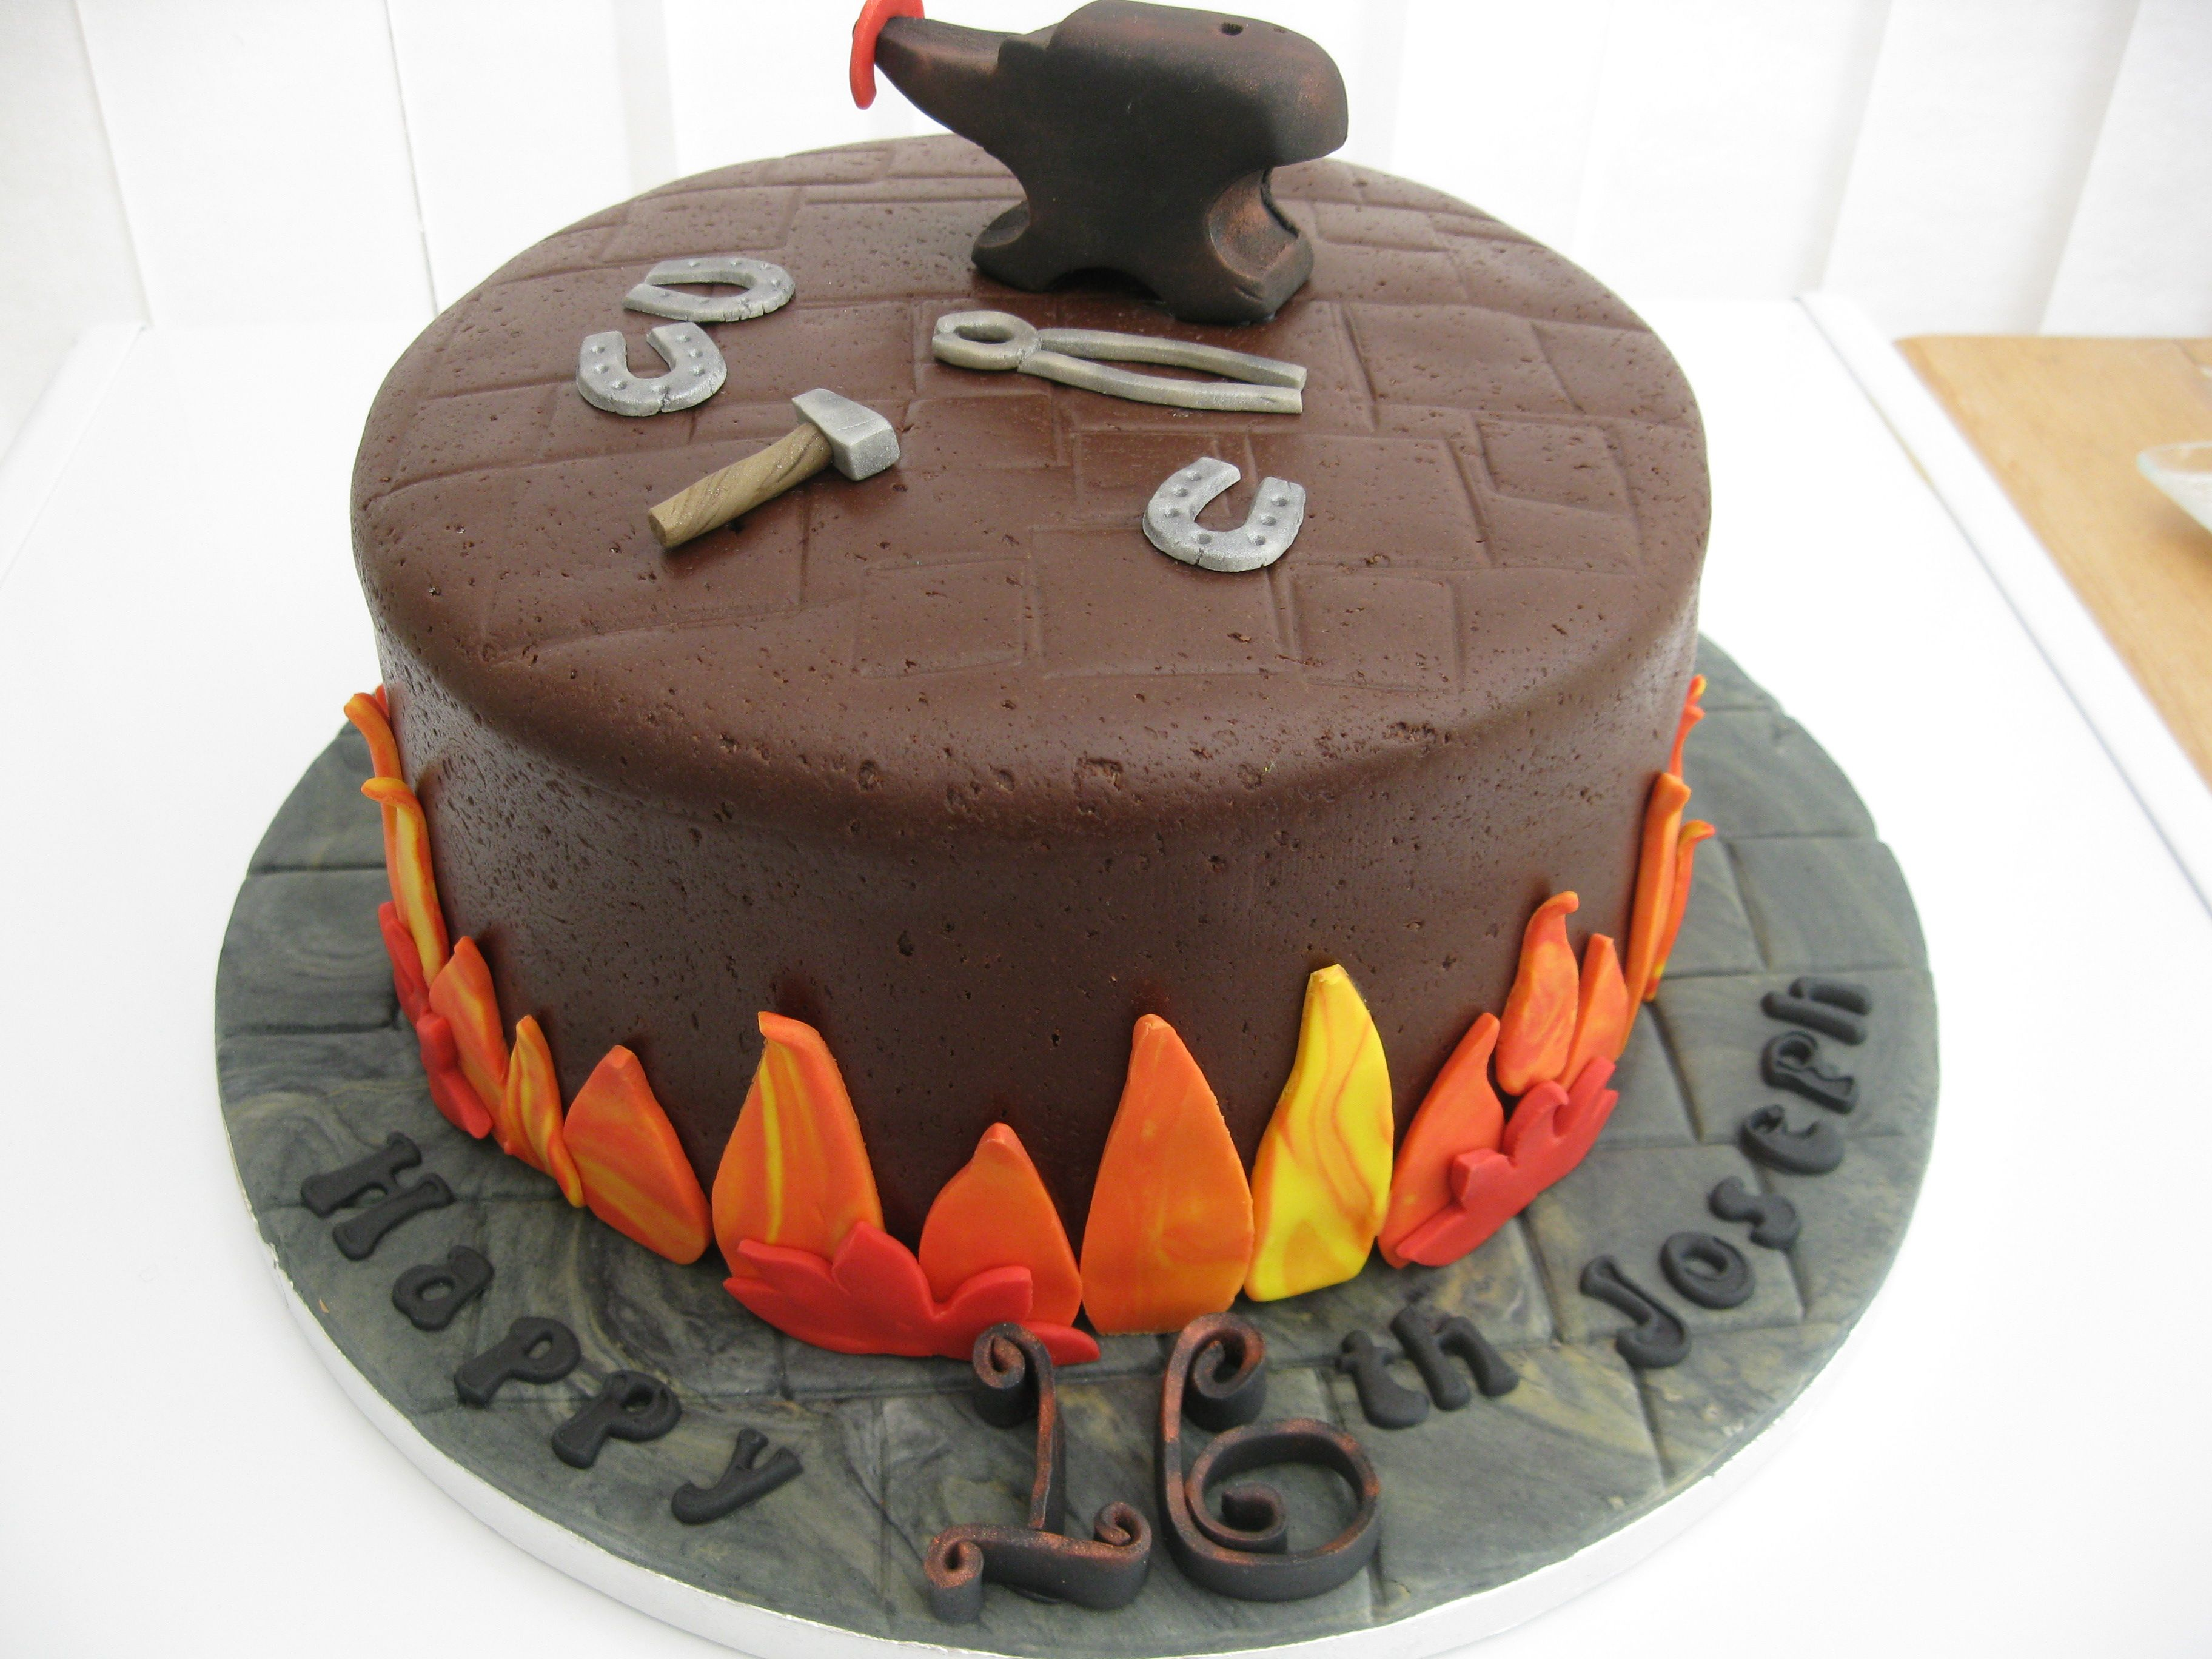 Blacksmith cake ideas